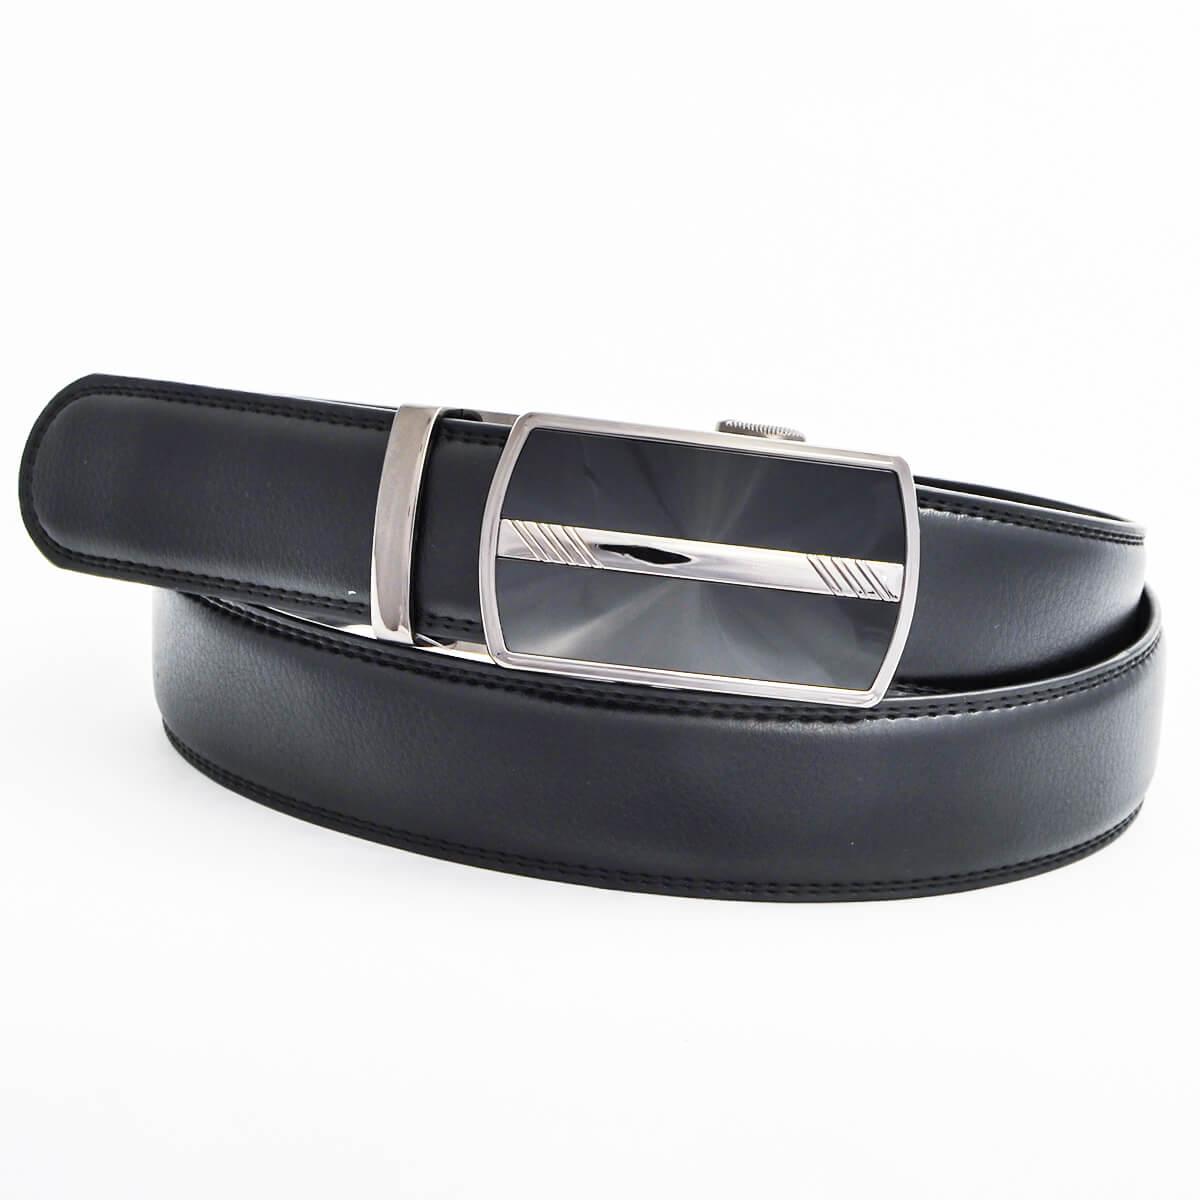 Pánsky kožený opasok - čierny vzor 4, veľkosť 48 (dĺžka 120 cm)